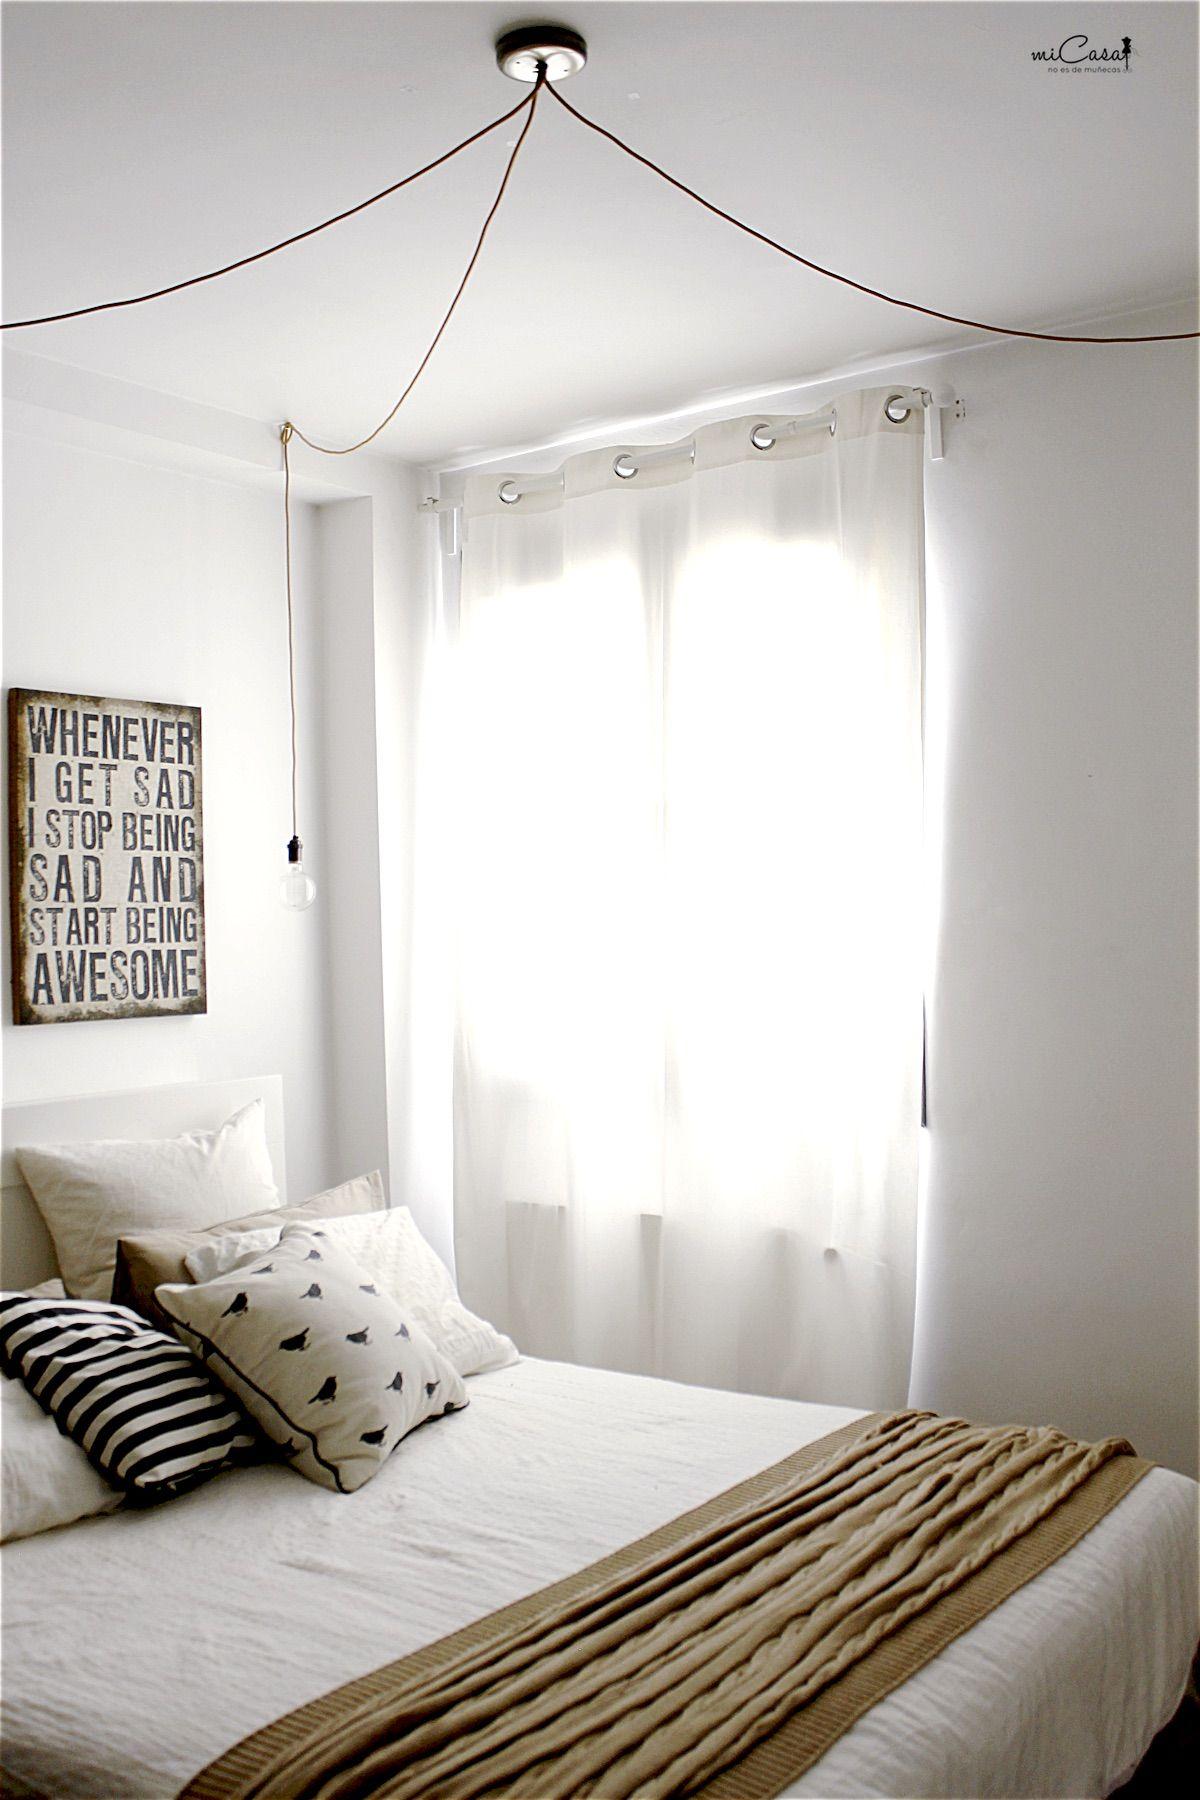 L mparas de techo lamparas lampara techo dormitorio - Lamparas para dormitorios ...